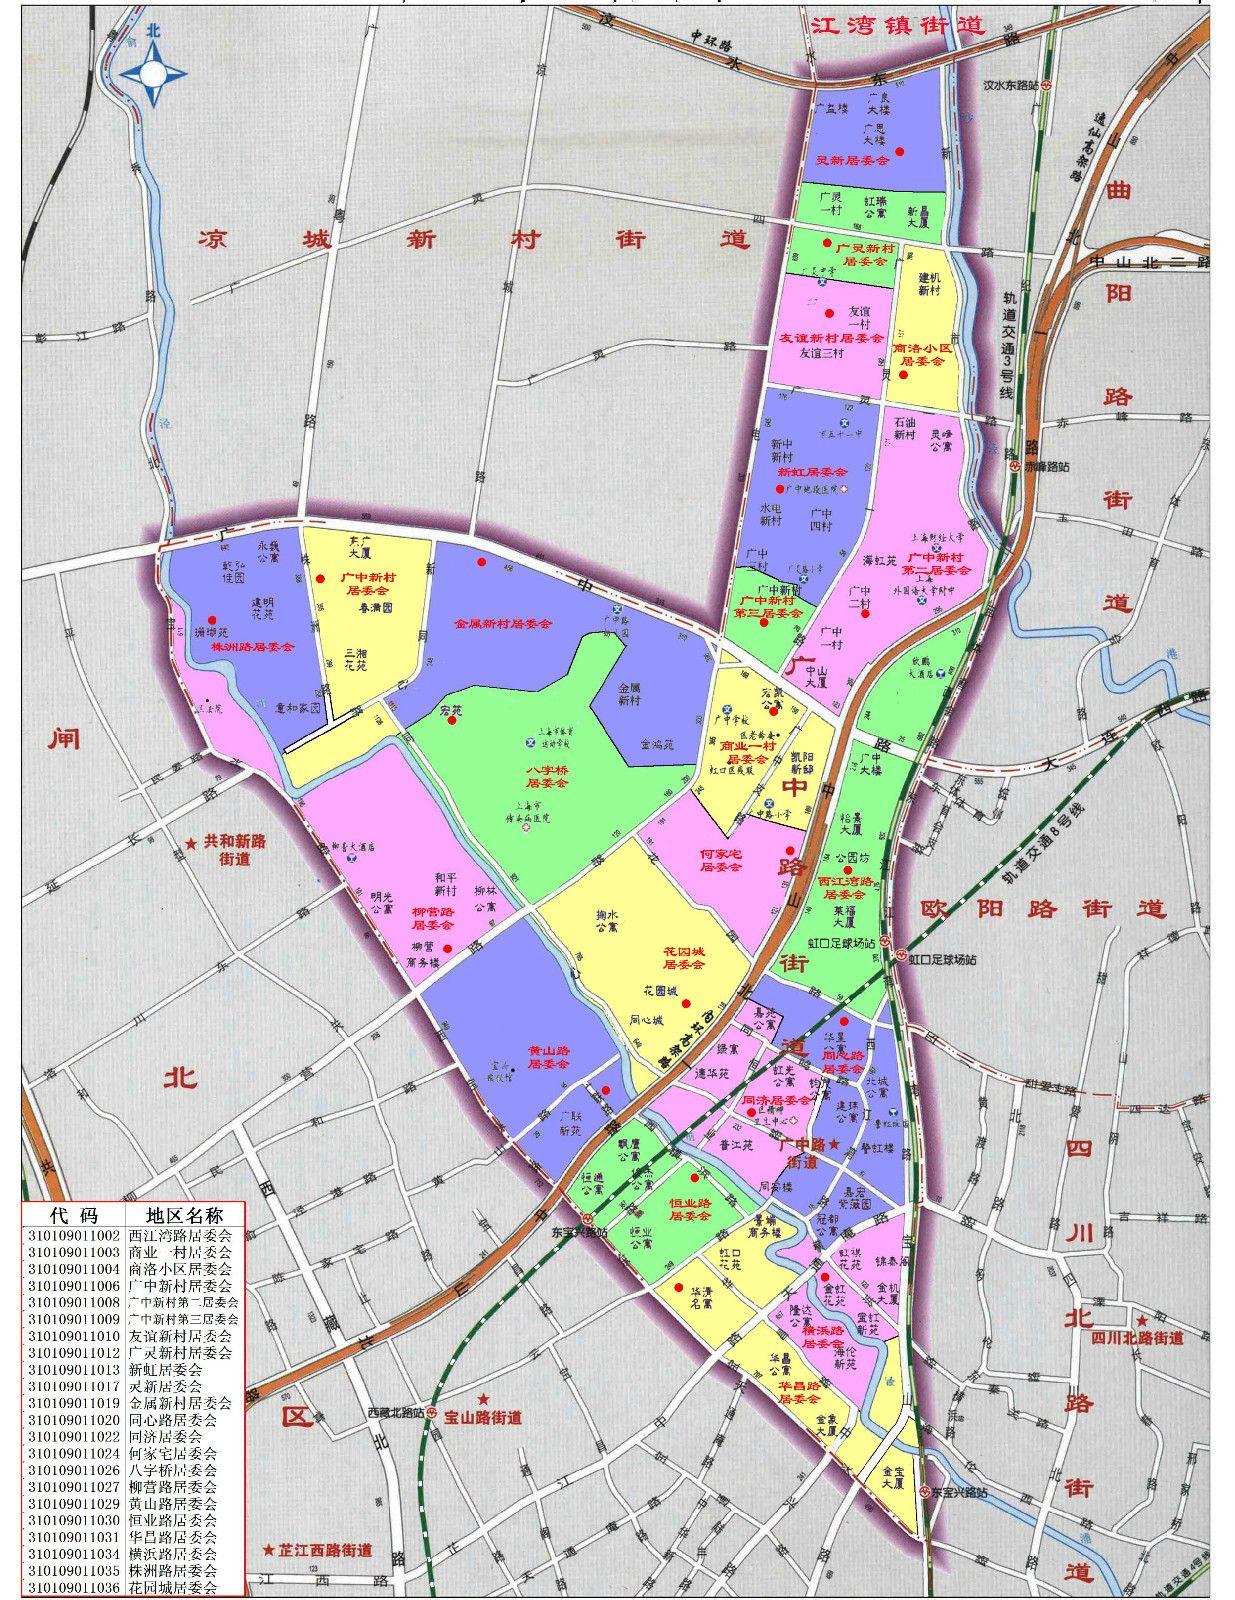 上海虹口区地图_上海市虹口区昆明路409弄属于什么街道的?